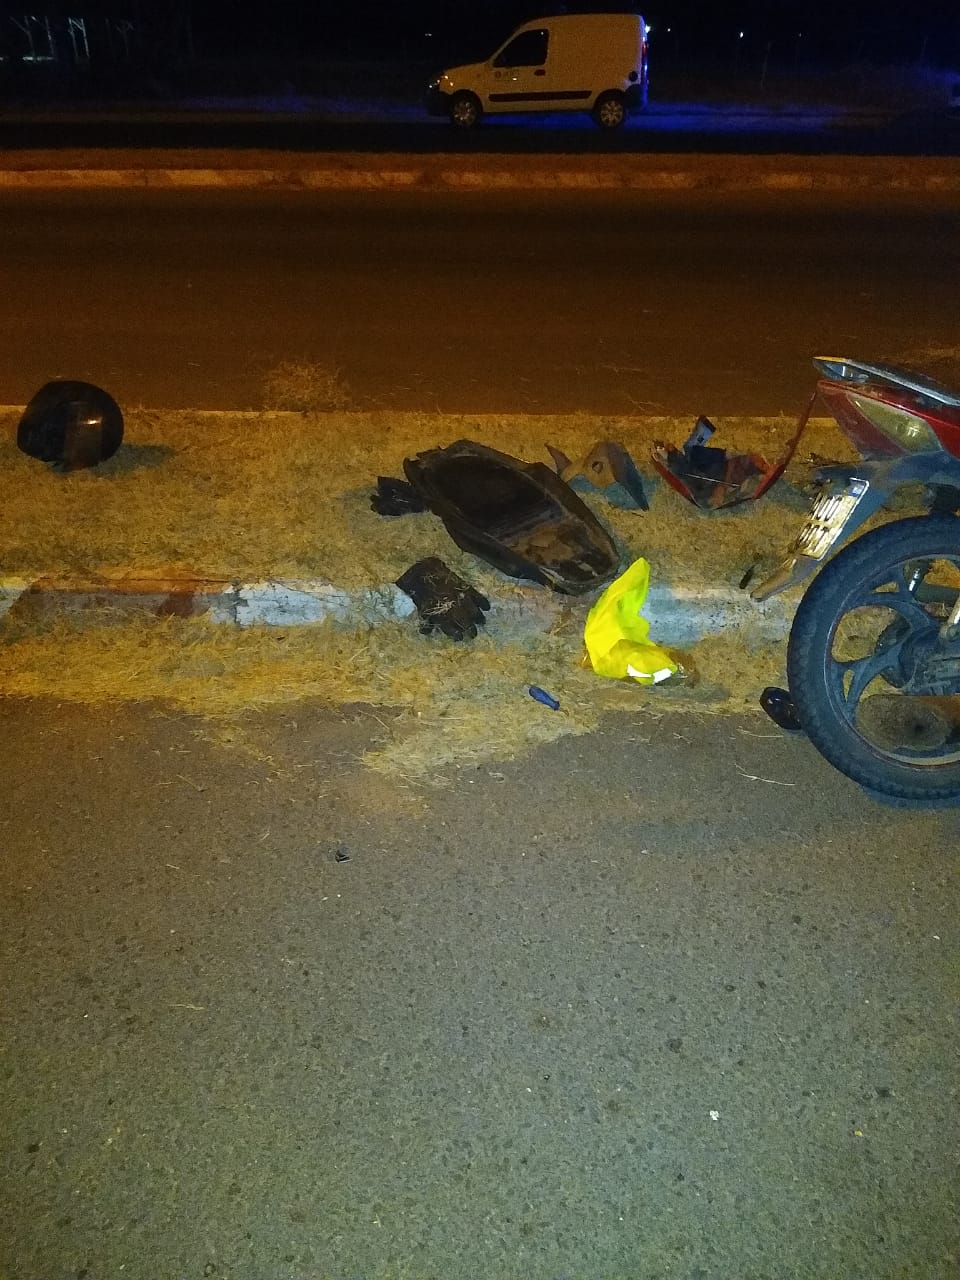 Motociclista se accidentó en la madrugada y fue trasladado al hospital